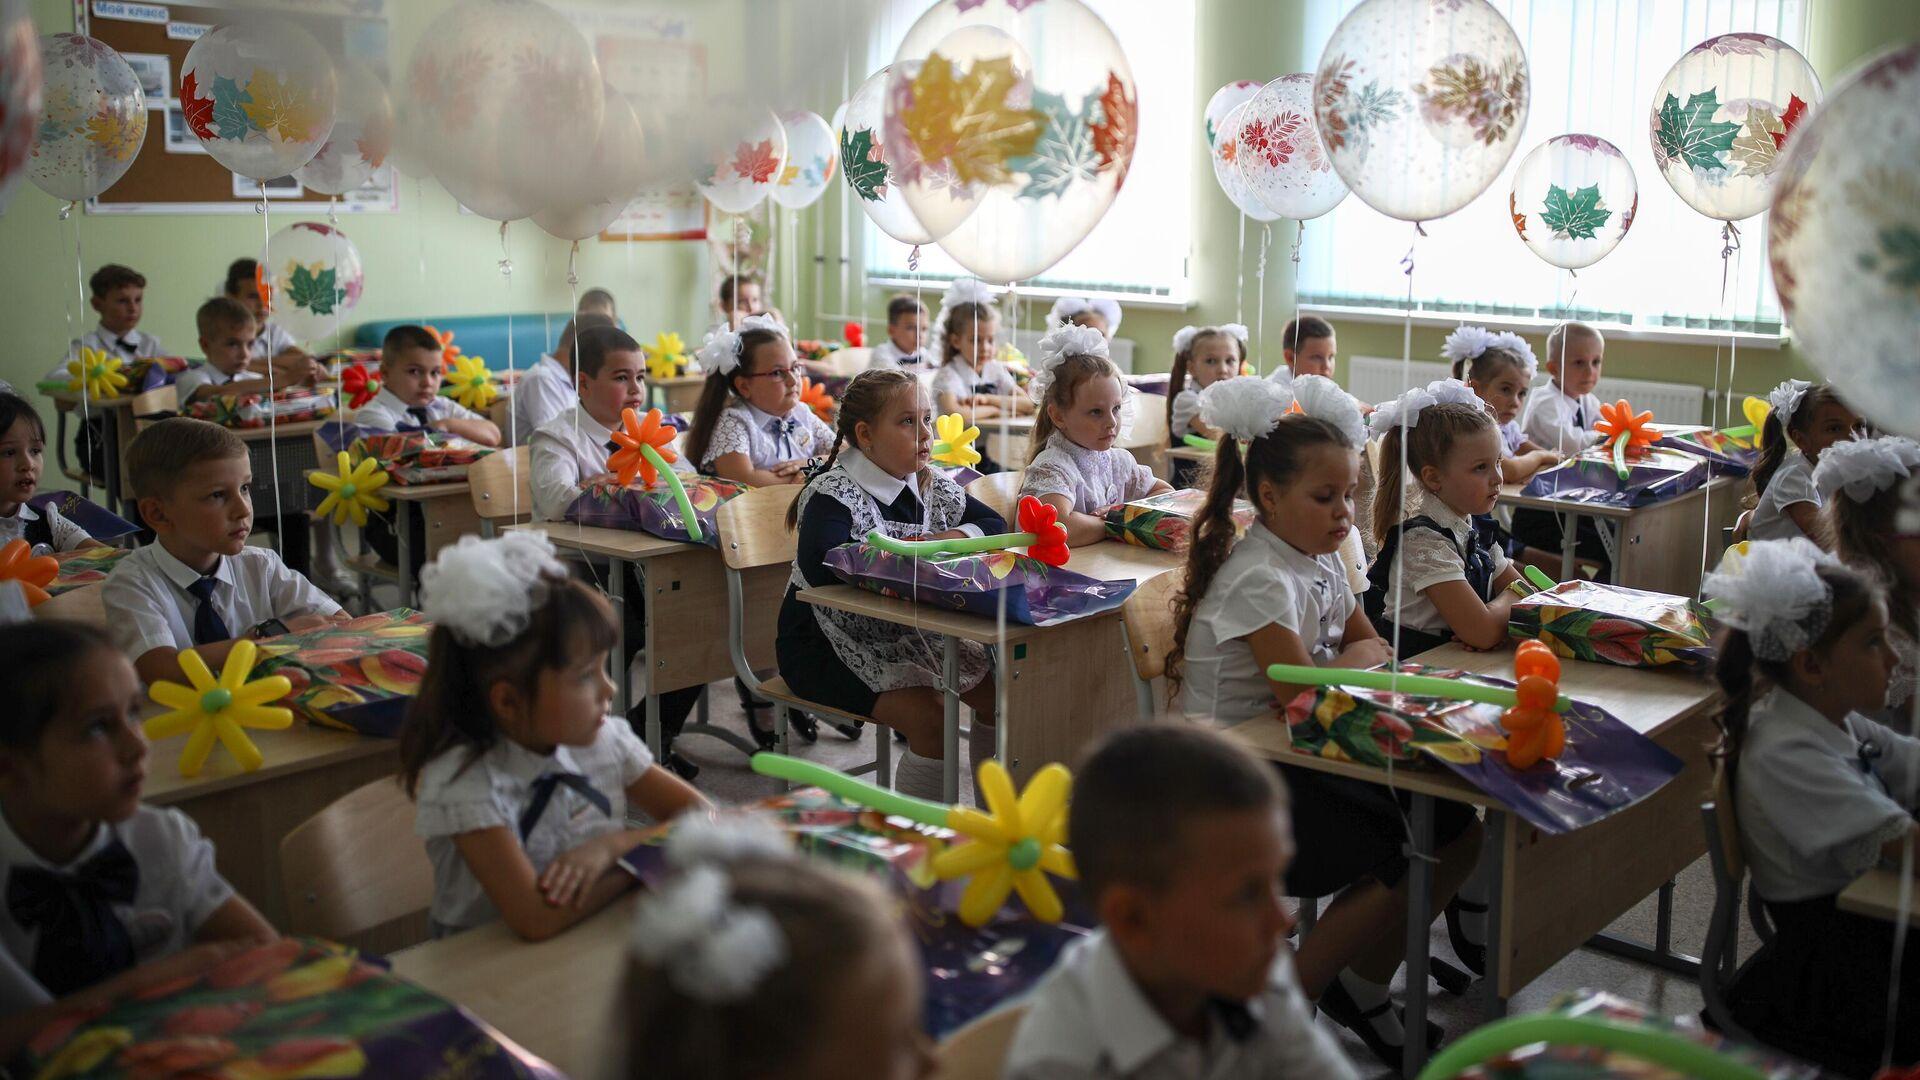 Первоклассники сидят за партой в классе в школе №71 в День знаний в Краснодаре - РИА Новости, 1920, 06.09.2020